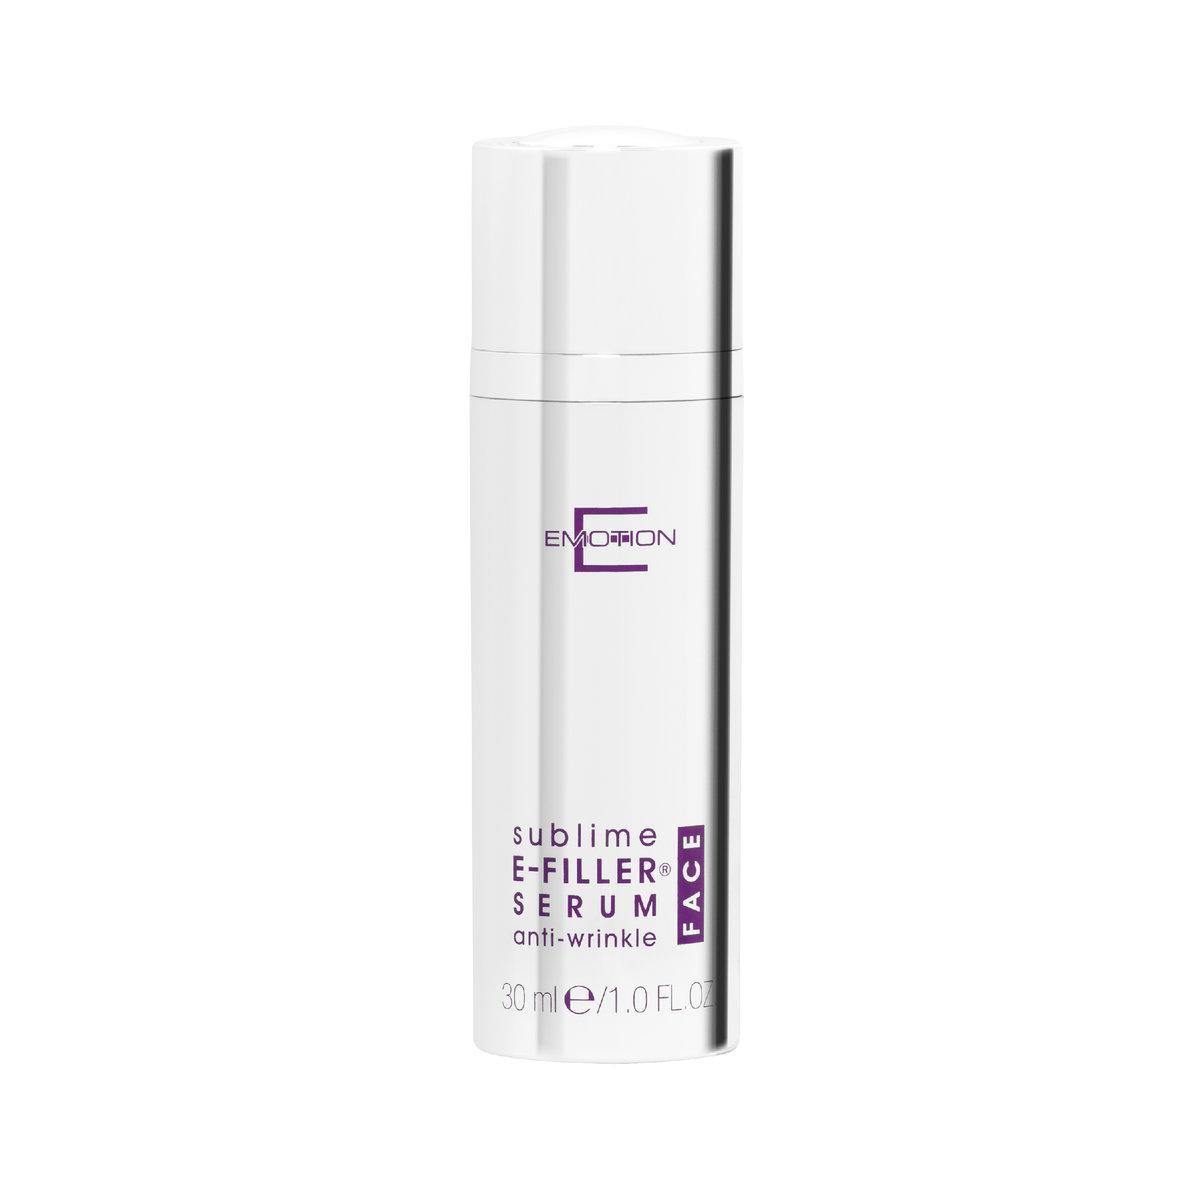 E-Filler® Anti-wrinkle Face Serum